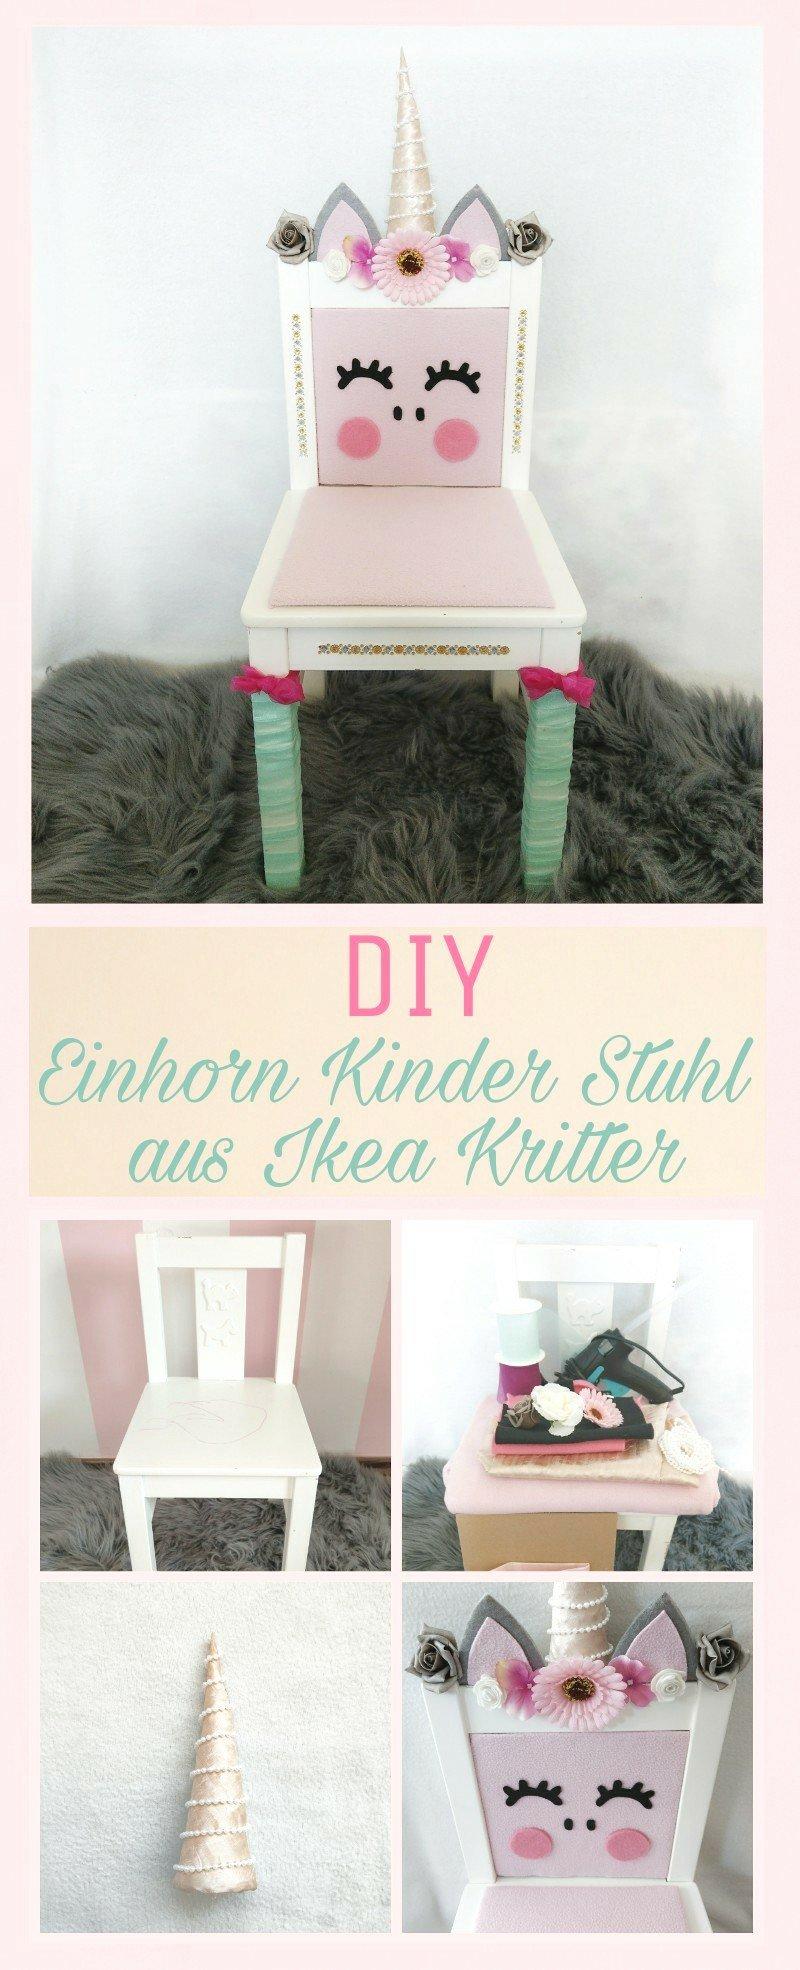 Heute zeige ich euch wie ihr aus einem Ikea Kitter Kinderstuhl einen süßen Einhorn Stuhl zaubern könnt. Einfach Selbermachen mit Schritt-für-Schritt Anleitung.